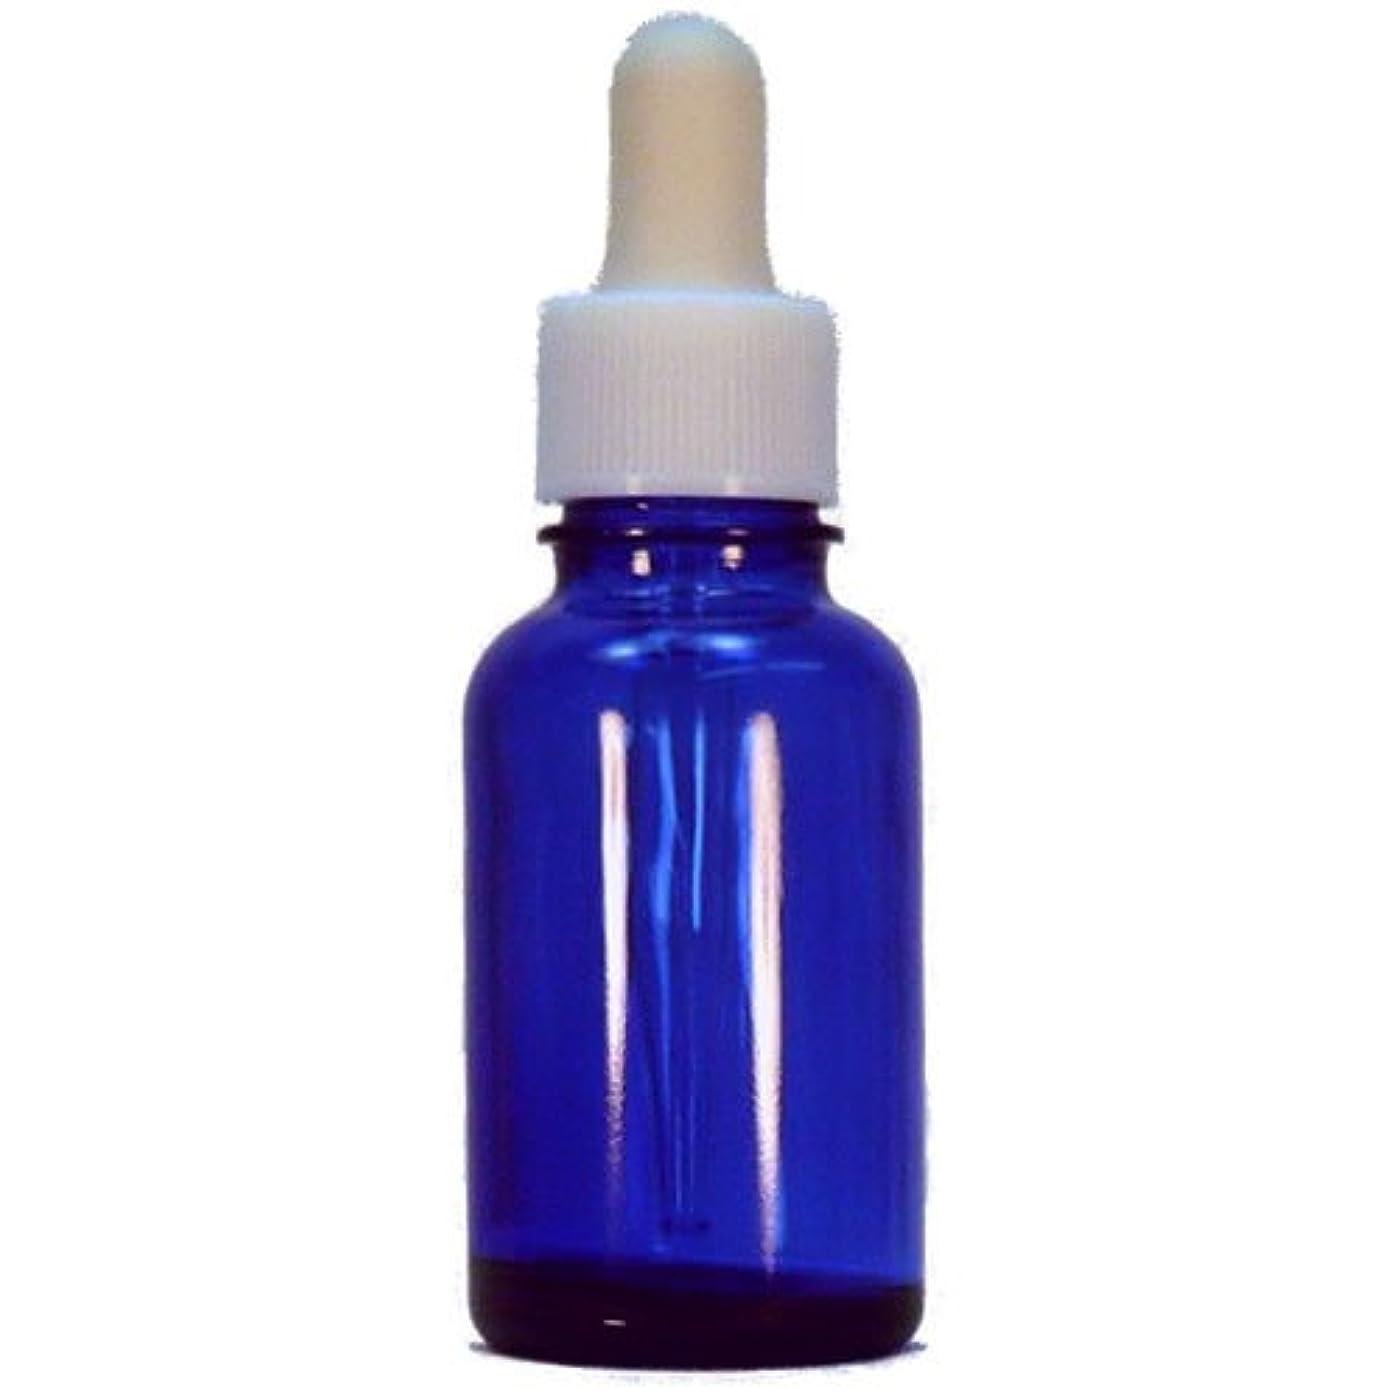 スキャンダル区別依存ミキシングボトル ブルー 20ml 12本セット